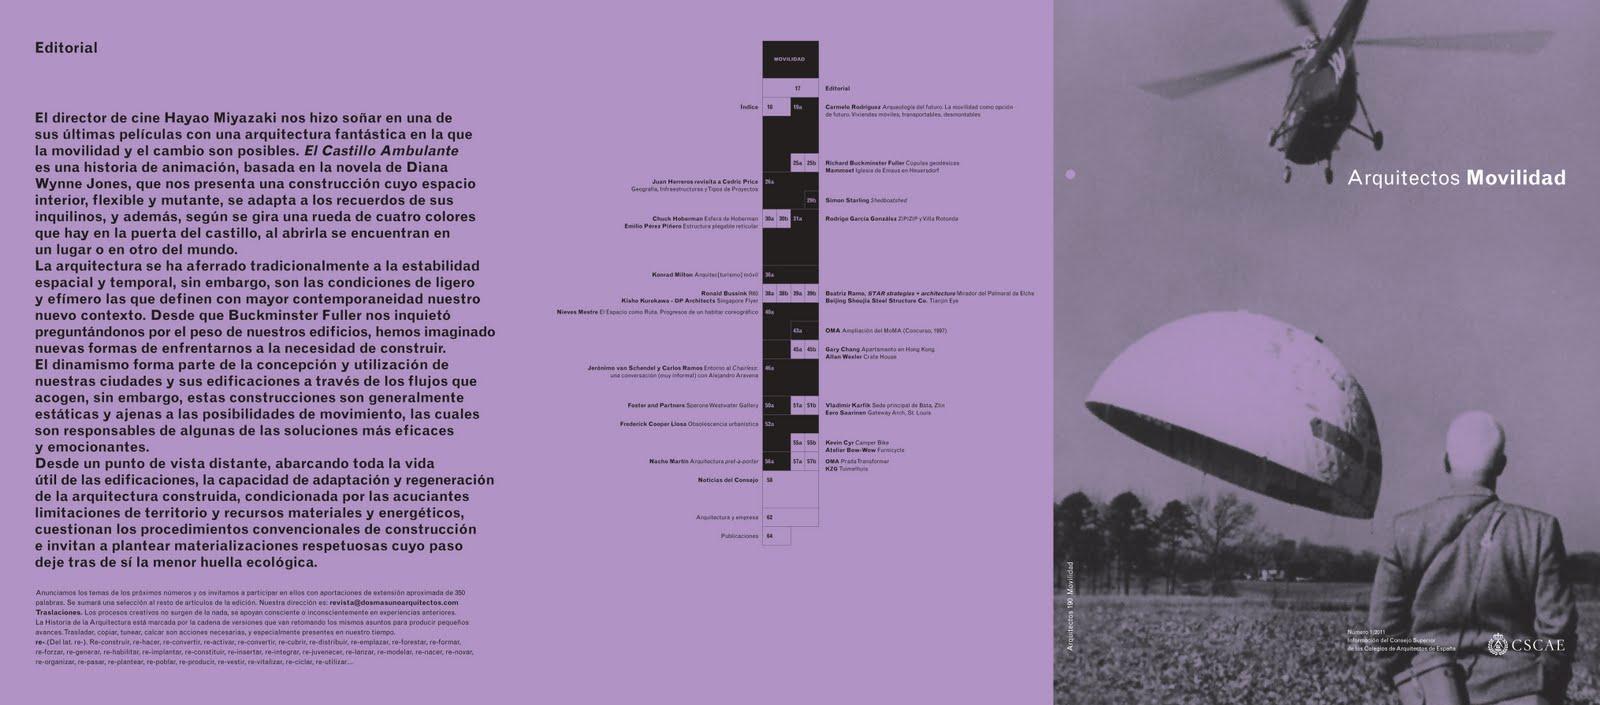 el primer nmero de de la revista arquitectos arquitectos movilidad editada por el cscae y dirigida por sale a la luz